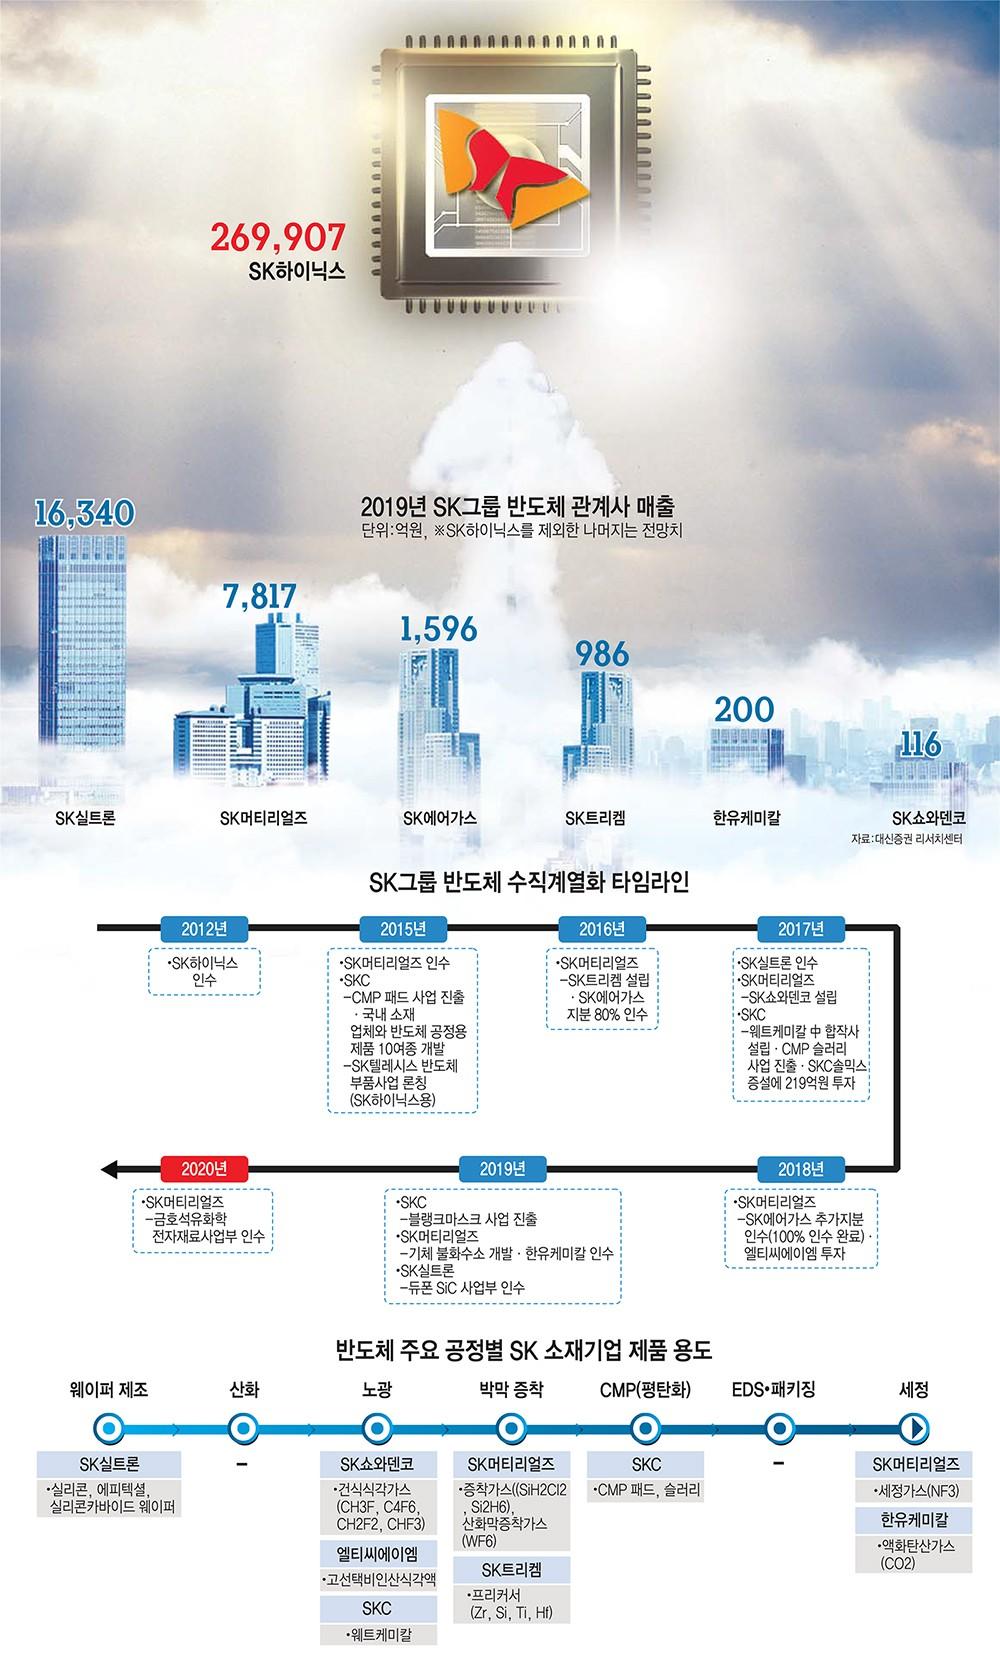 [이슈분석] SK그룹, 반도체 소재 사업 확장 '재시동'…내재화 어디까지